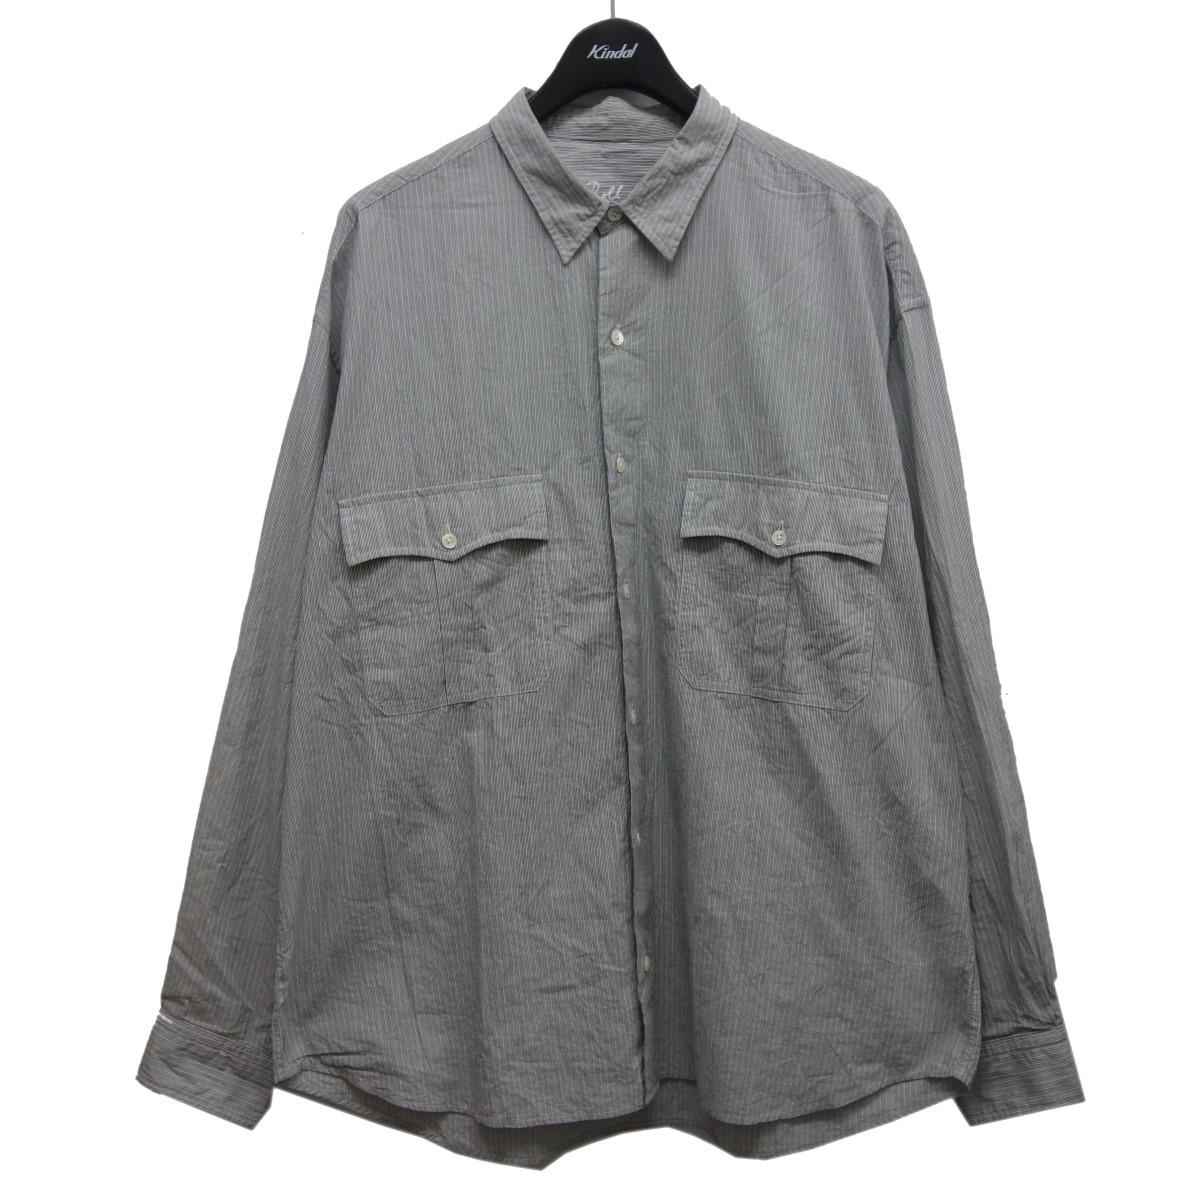 ポータークラシック 即出荷 中古 Porter Classic ROLL UP 081220 SHIRTS グレー×ホワイト お歳暮 サイズ:XL ロールアップシャツ